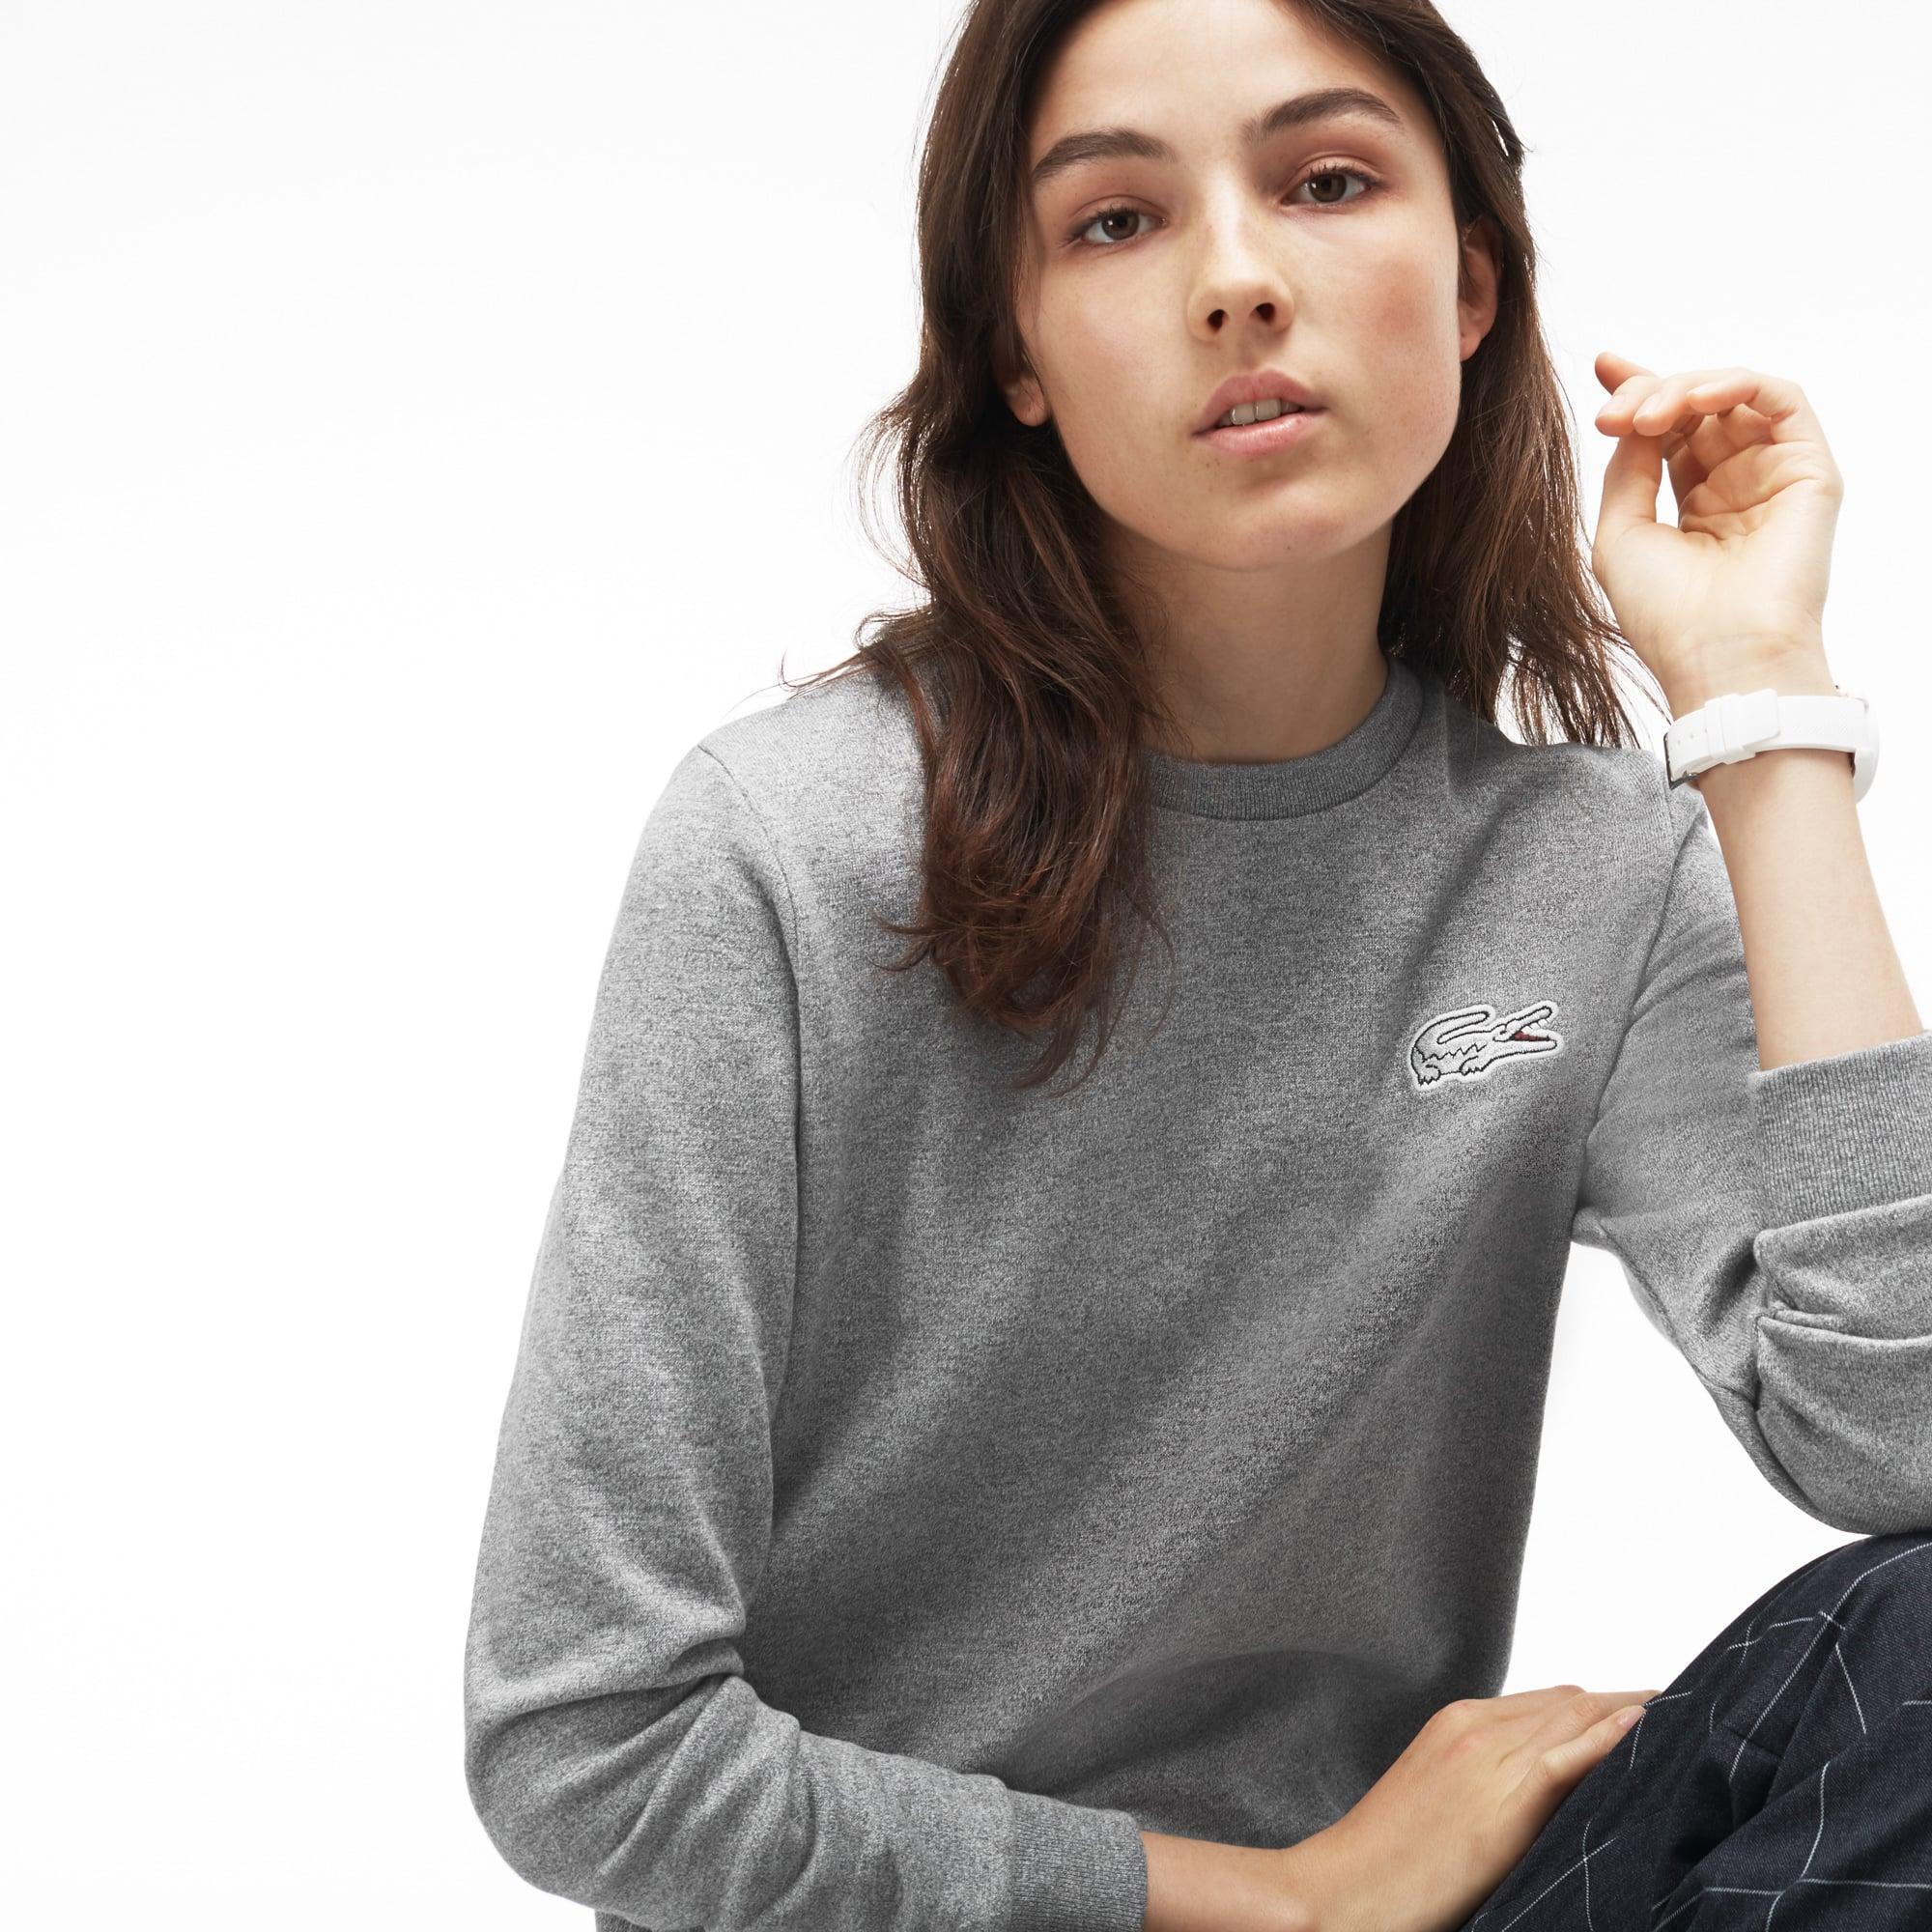 Damen-Sweatshirt aus Fleece mit großem Krokodil LACOSTE L!VE